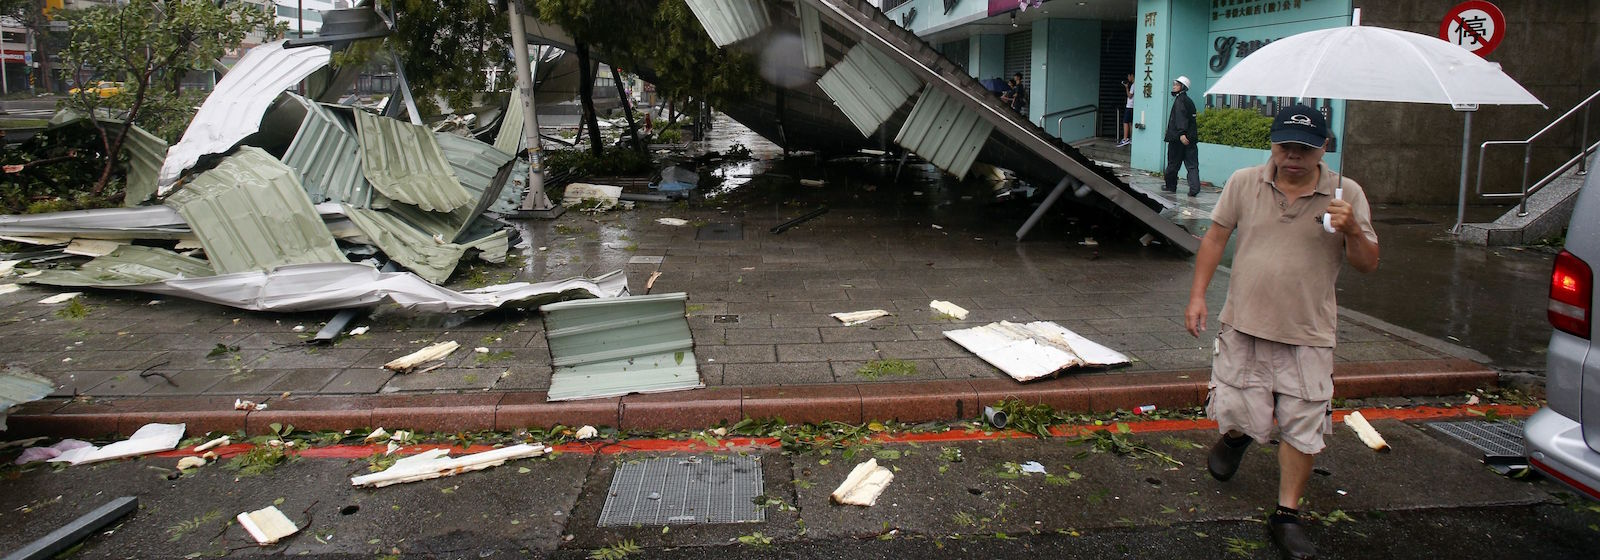 С видом на море и пальмы: тайфуны на юге Китая